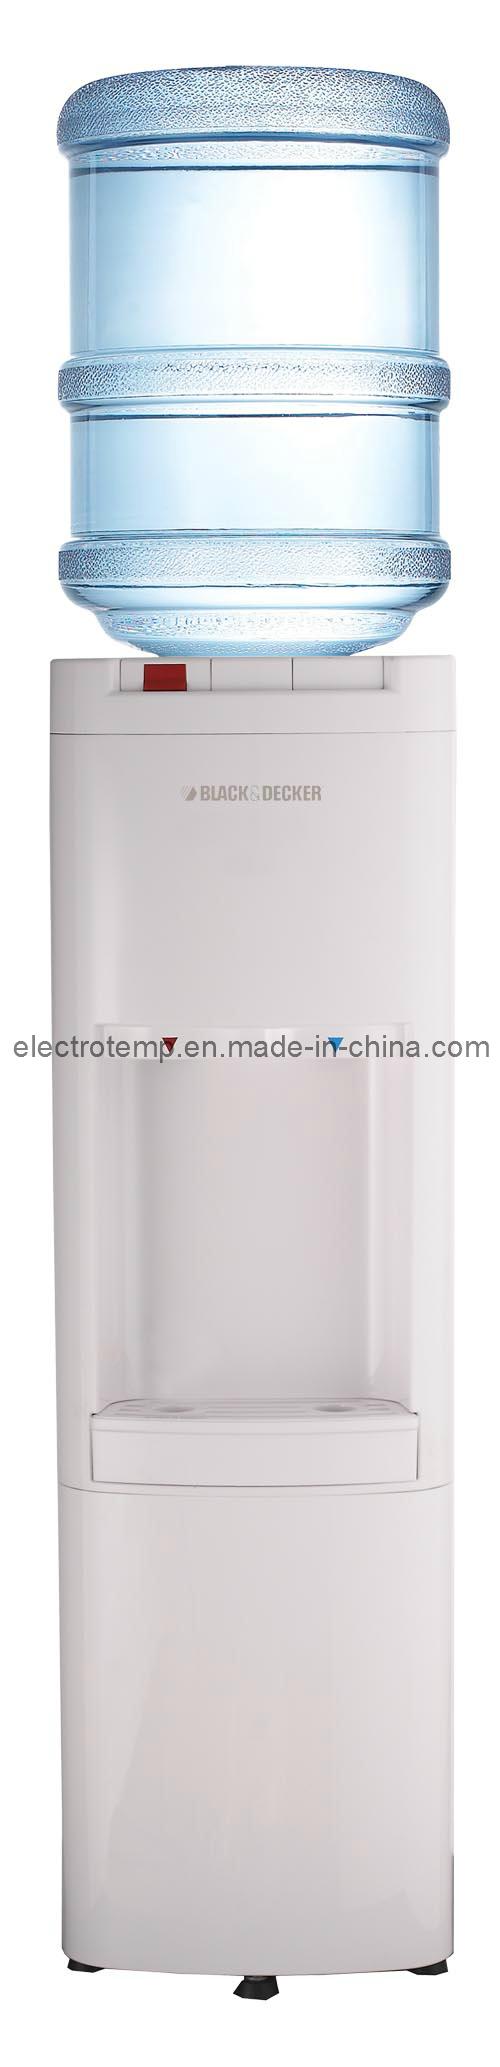 refroidisseur d 39 eau de distributeur de l 39 eau 7liechk w. Black Bedroom Furniture Sets. Home Design Ideas